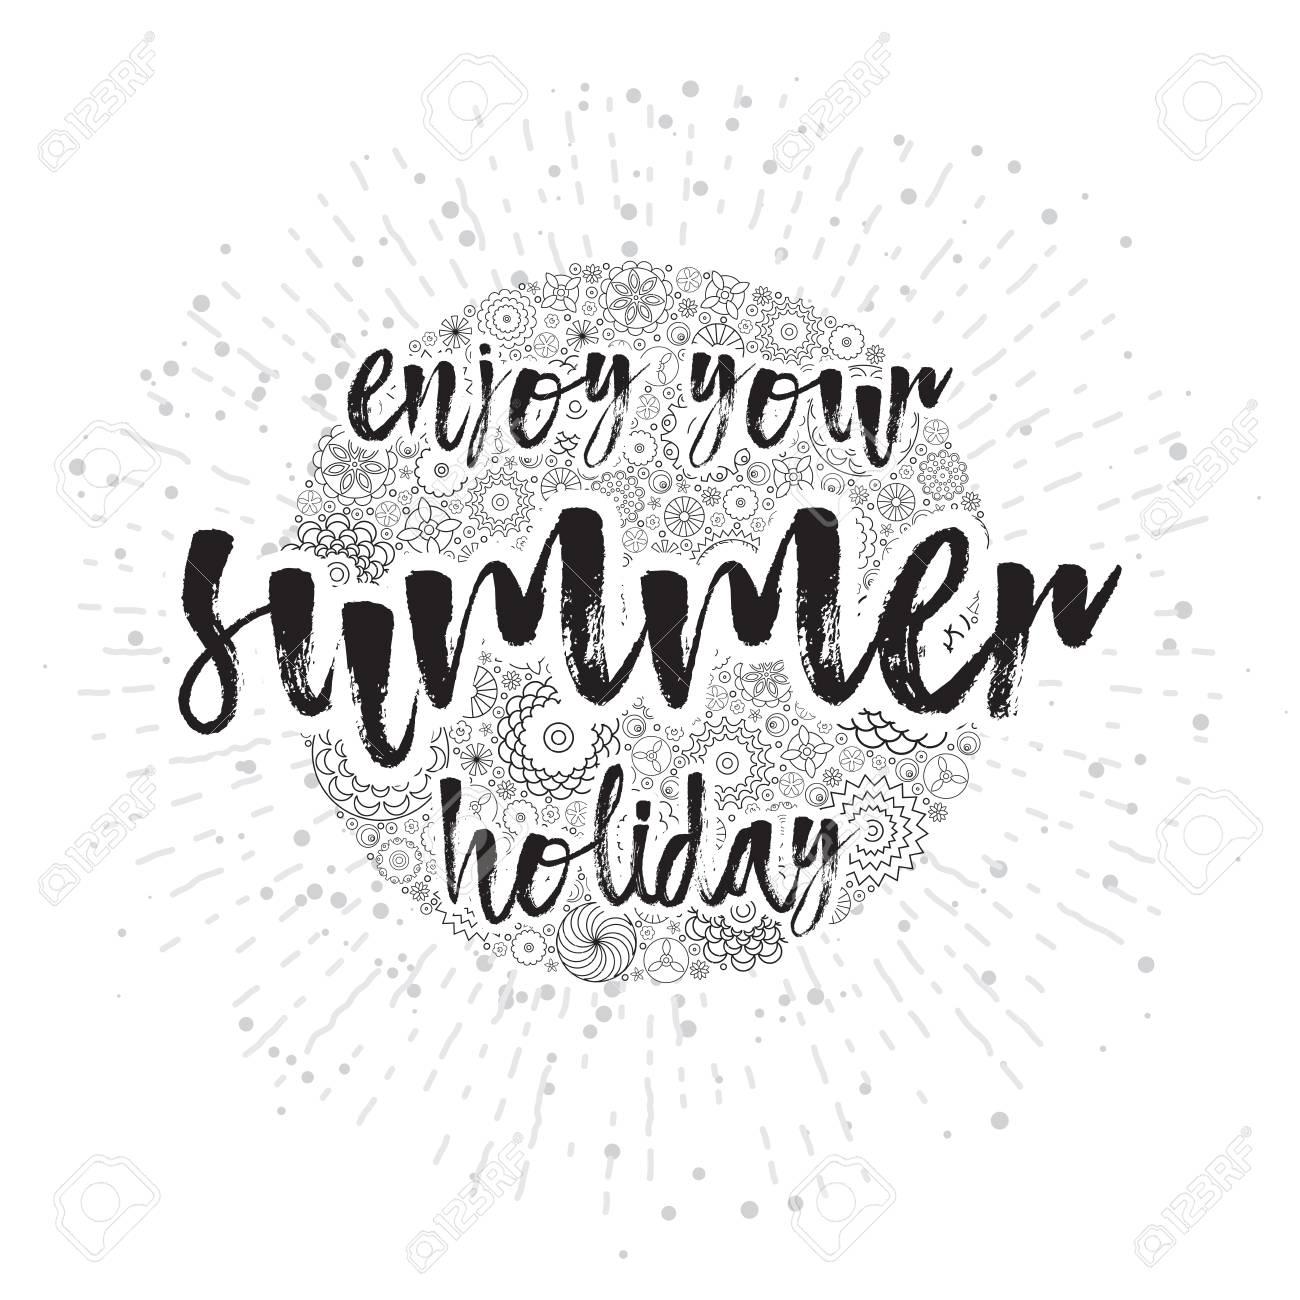 Aproveite Suas Férias De Verão Cartas Desenhadas à Mão E Citações Motivacionais Para Caligrafia Para Férias De Verão